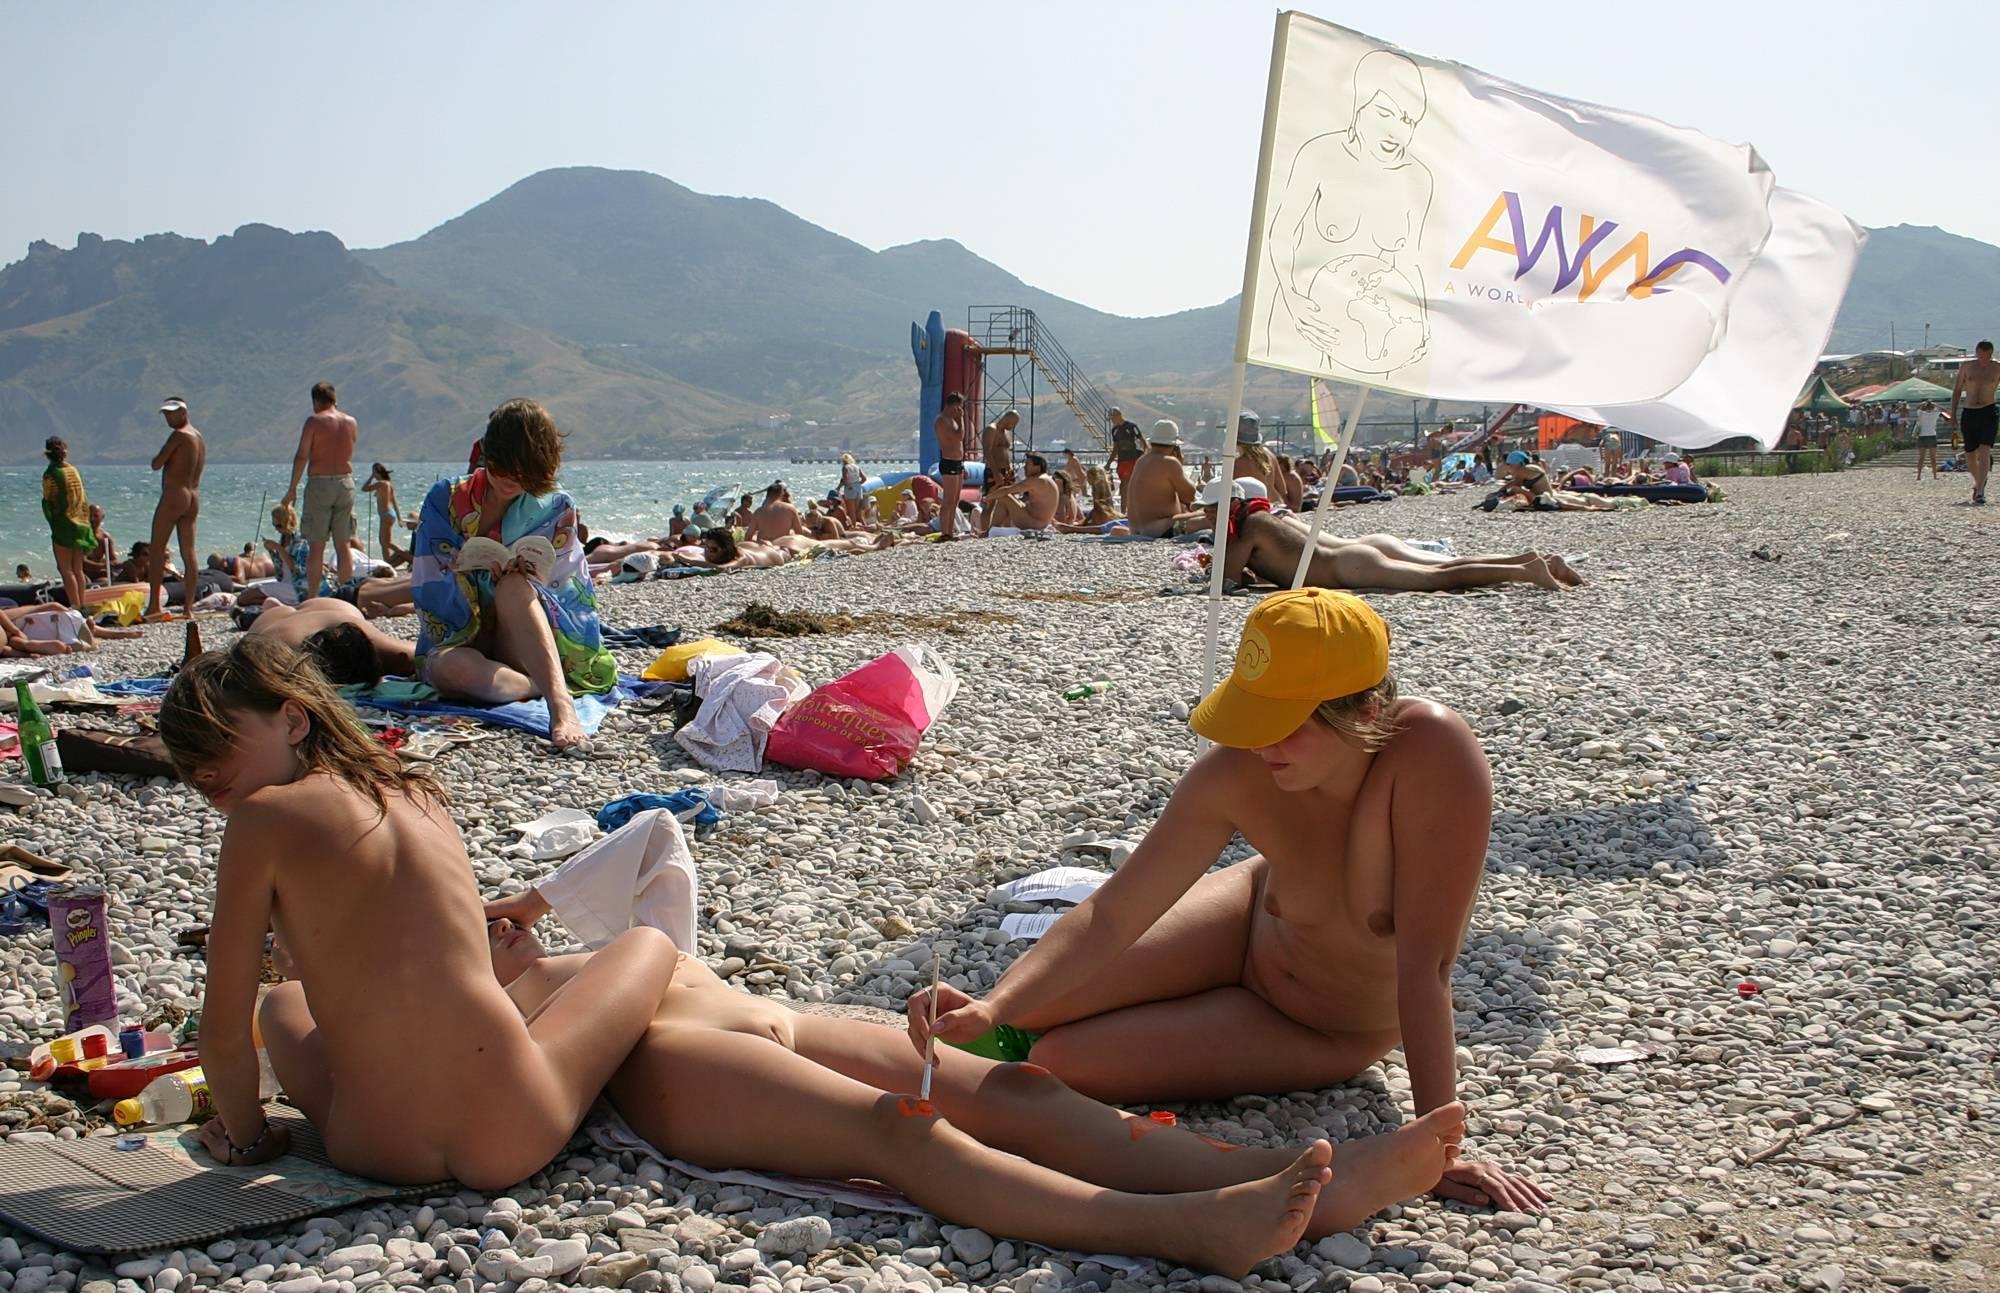 Pure Nudism Images-Pebble Beach Nudist Paint - 1